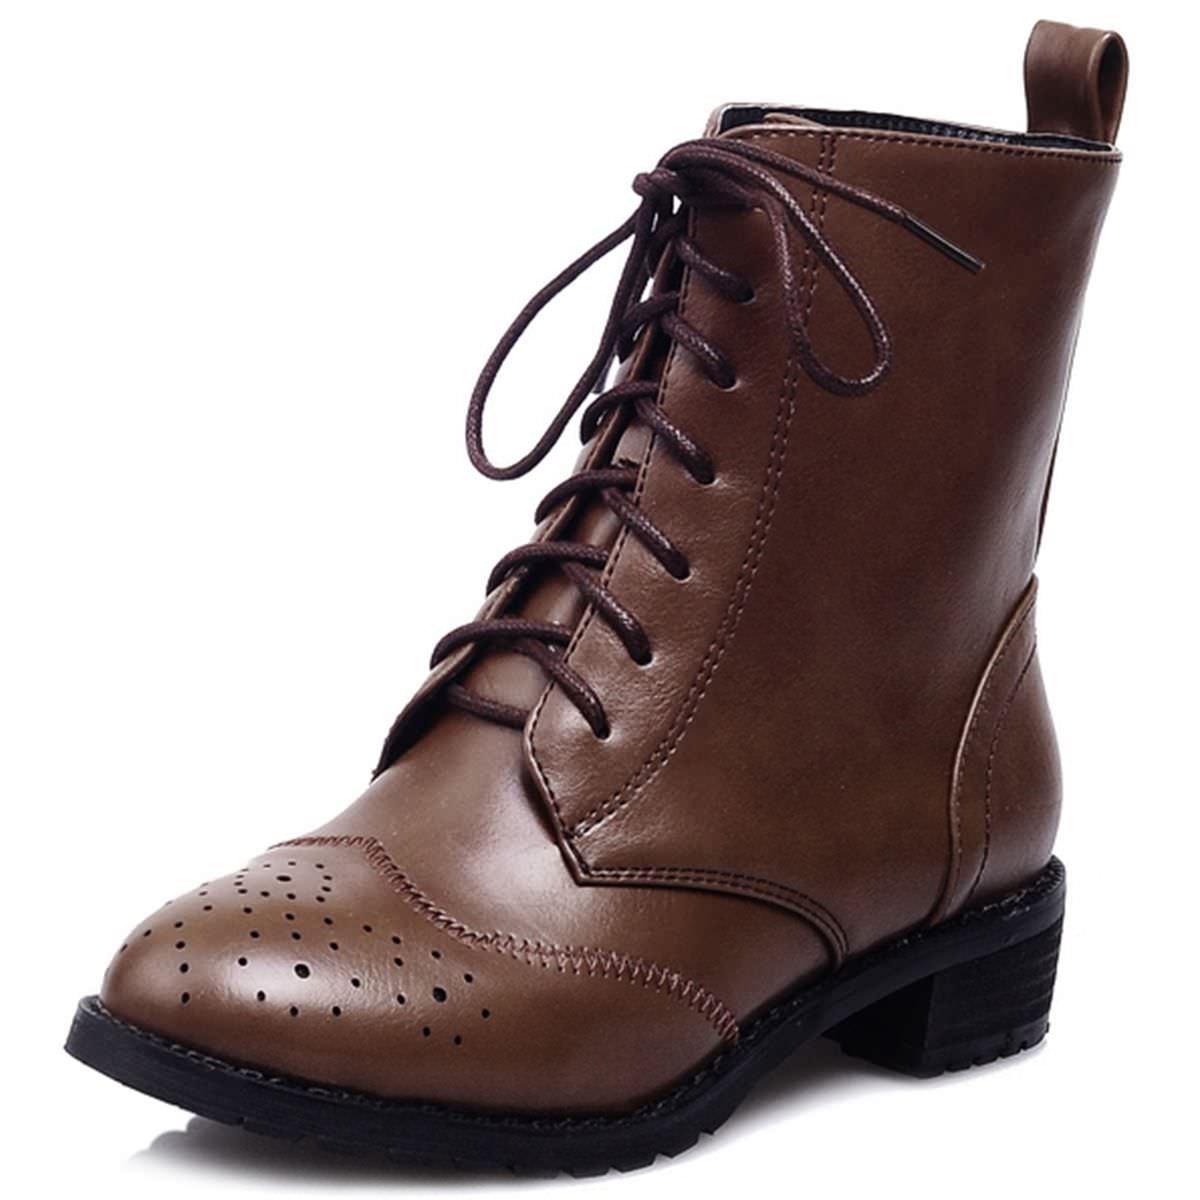 KingRover Botas militares mujer EU 41 Zapatos de moda en línea Obtenga el mejor descuento de venta caliente-Descuento más grande